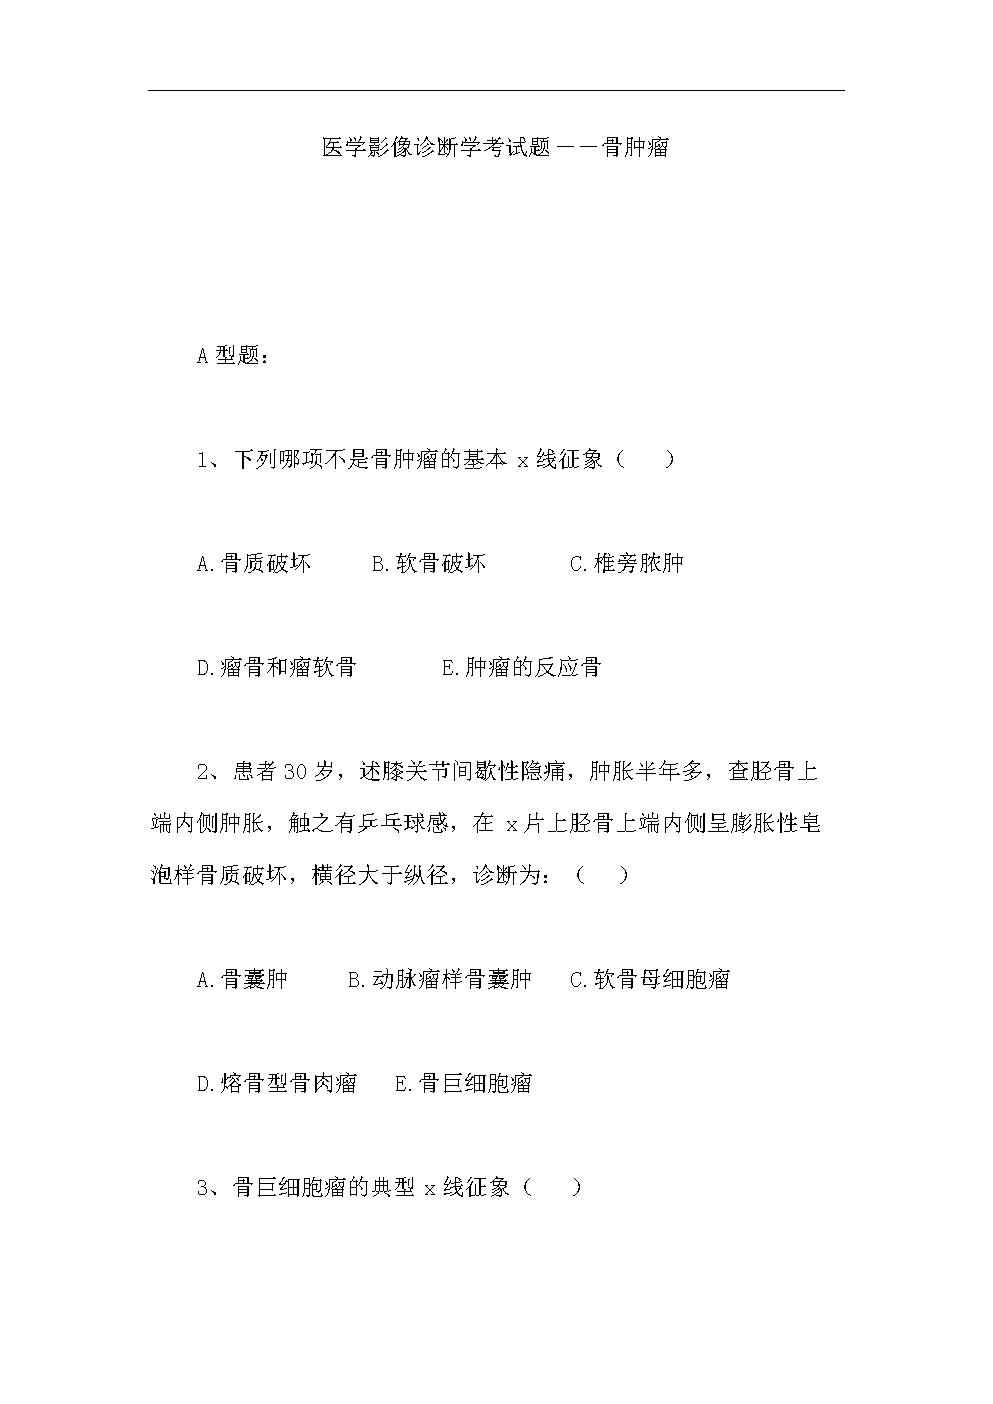 医学影像诊断学考试题复习.doc